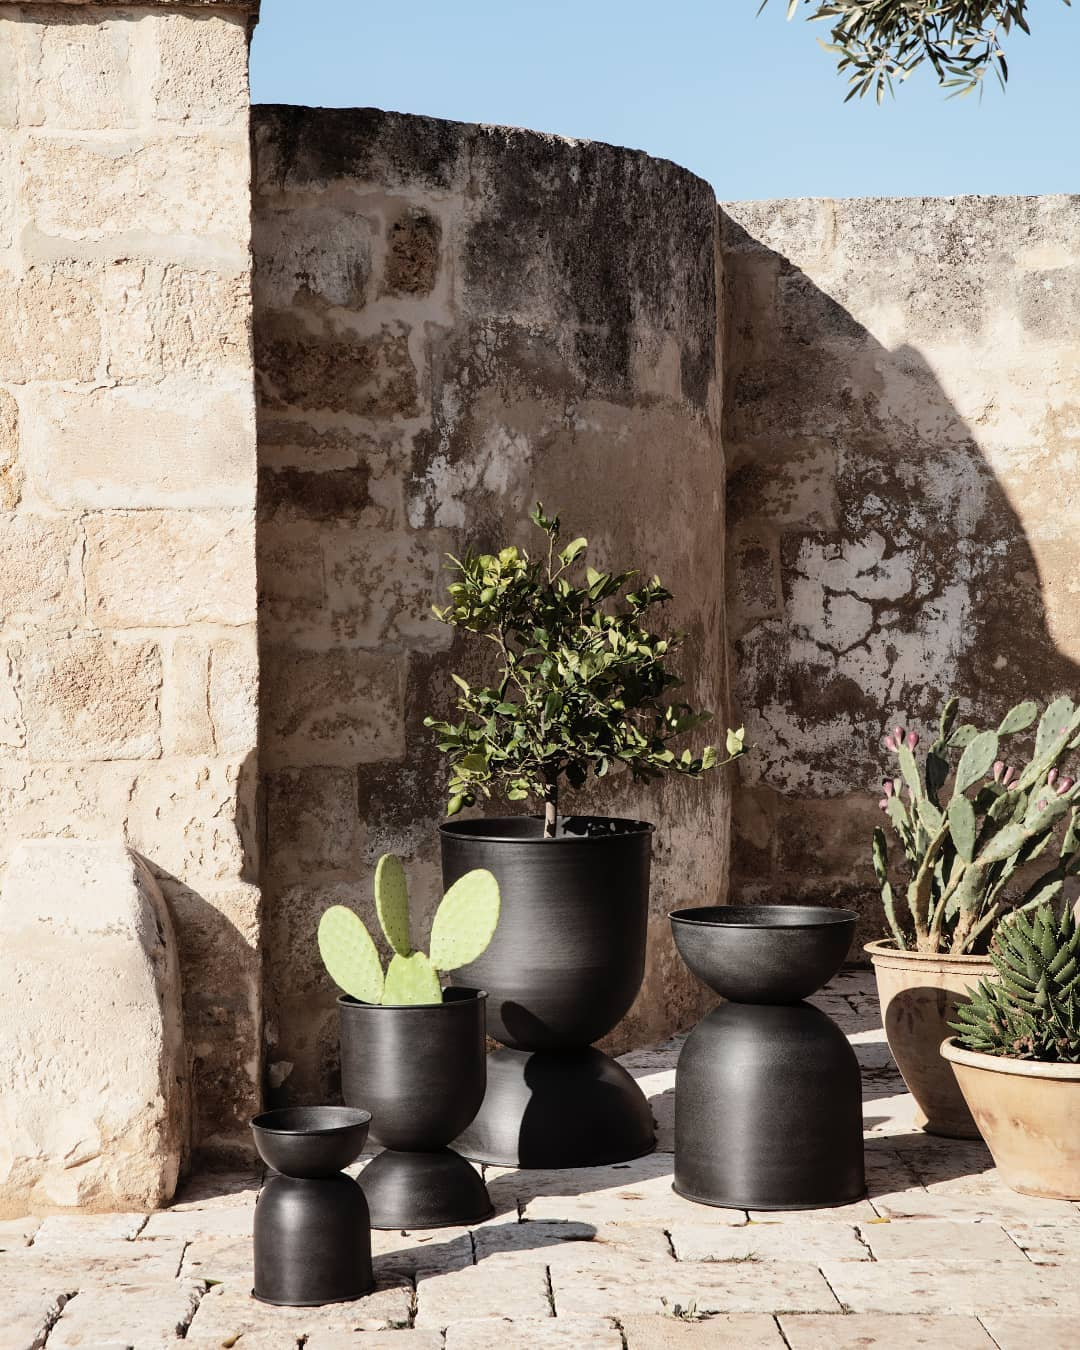 ferm living pot exterieur design scandinave noir cactus graphique amenagement terasse